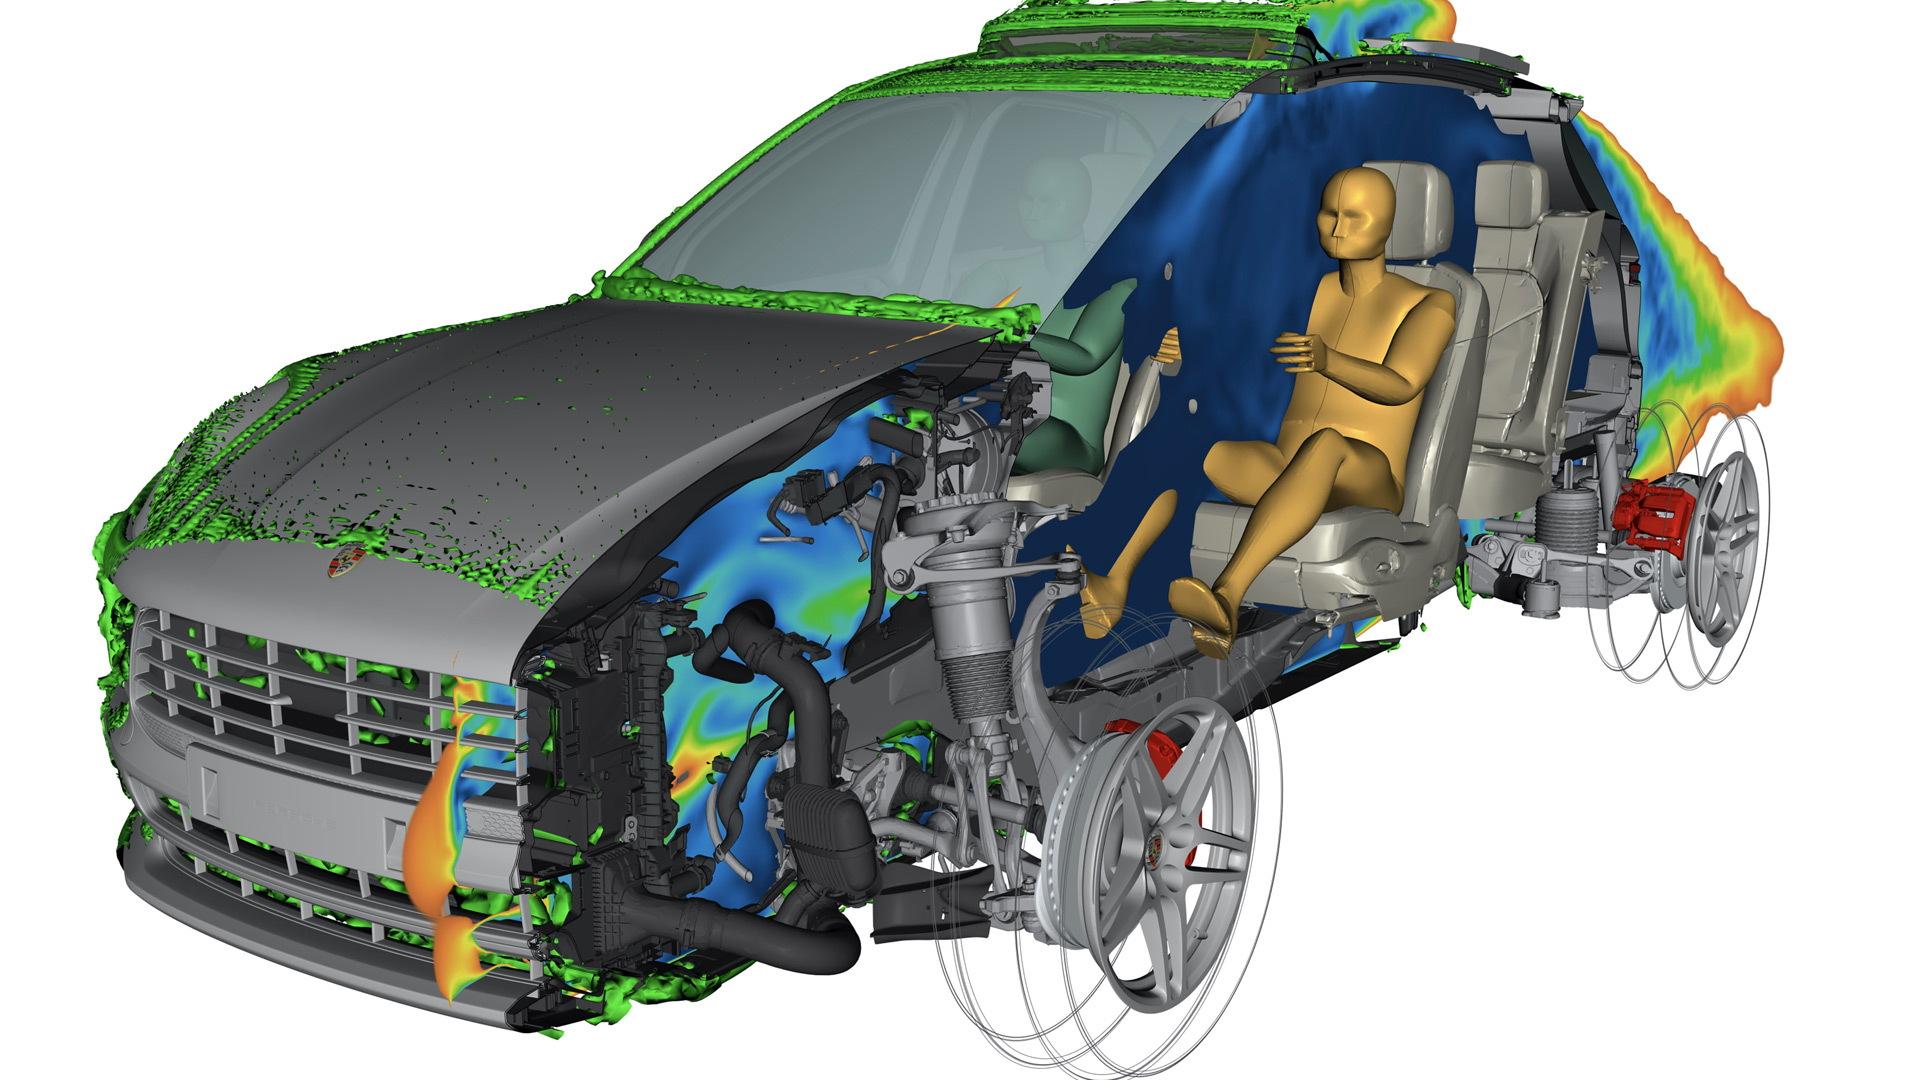 Electric Porsche Macan development